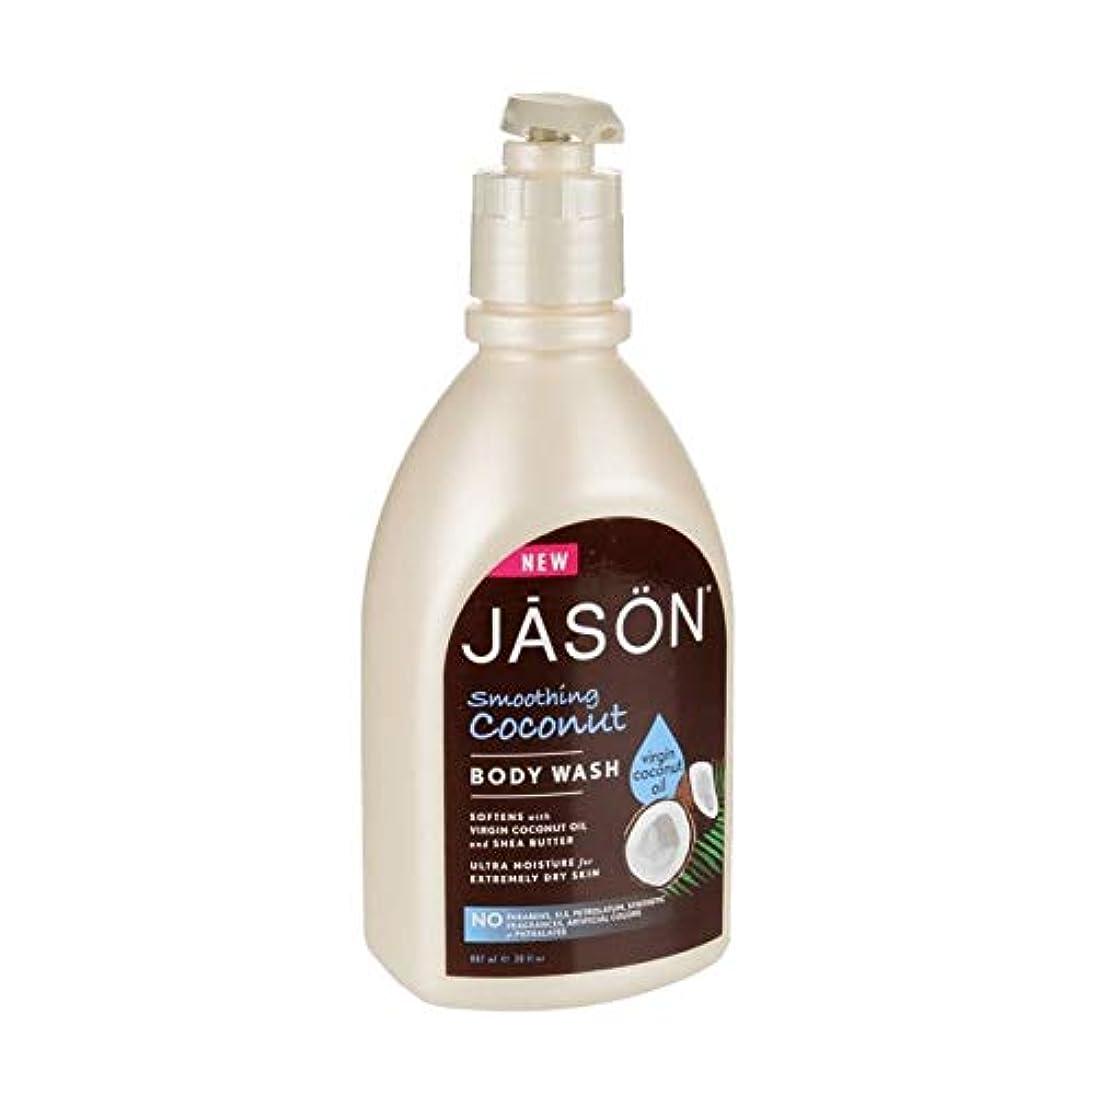 電球倍率軽食[Jason] ジェイソン?ココナッツボディウォッシュ887ミリリットル - Jason Coconut Body Wash 887ml [並行輸入品]